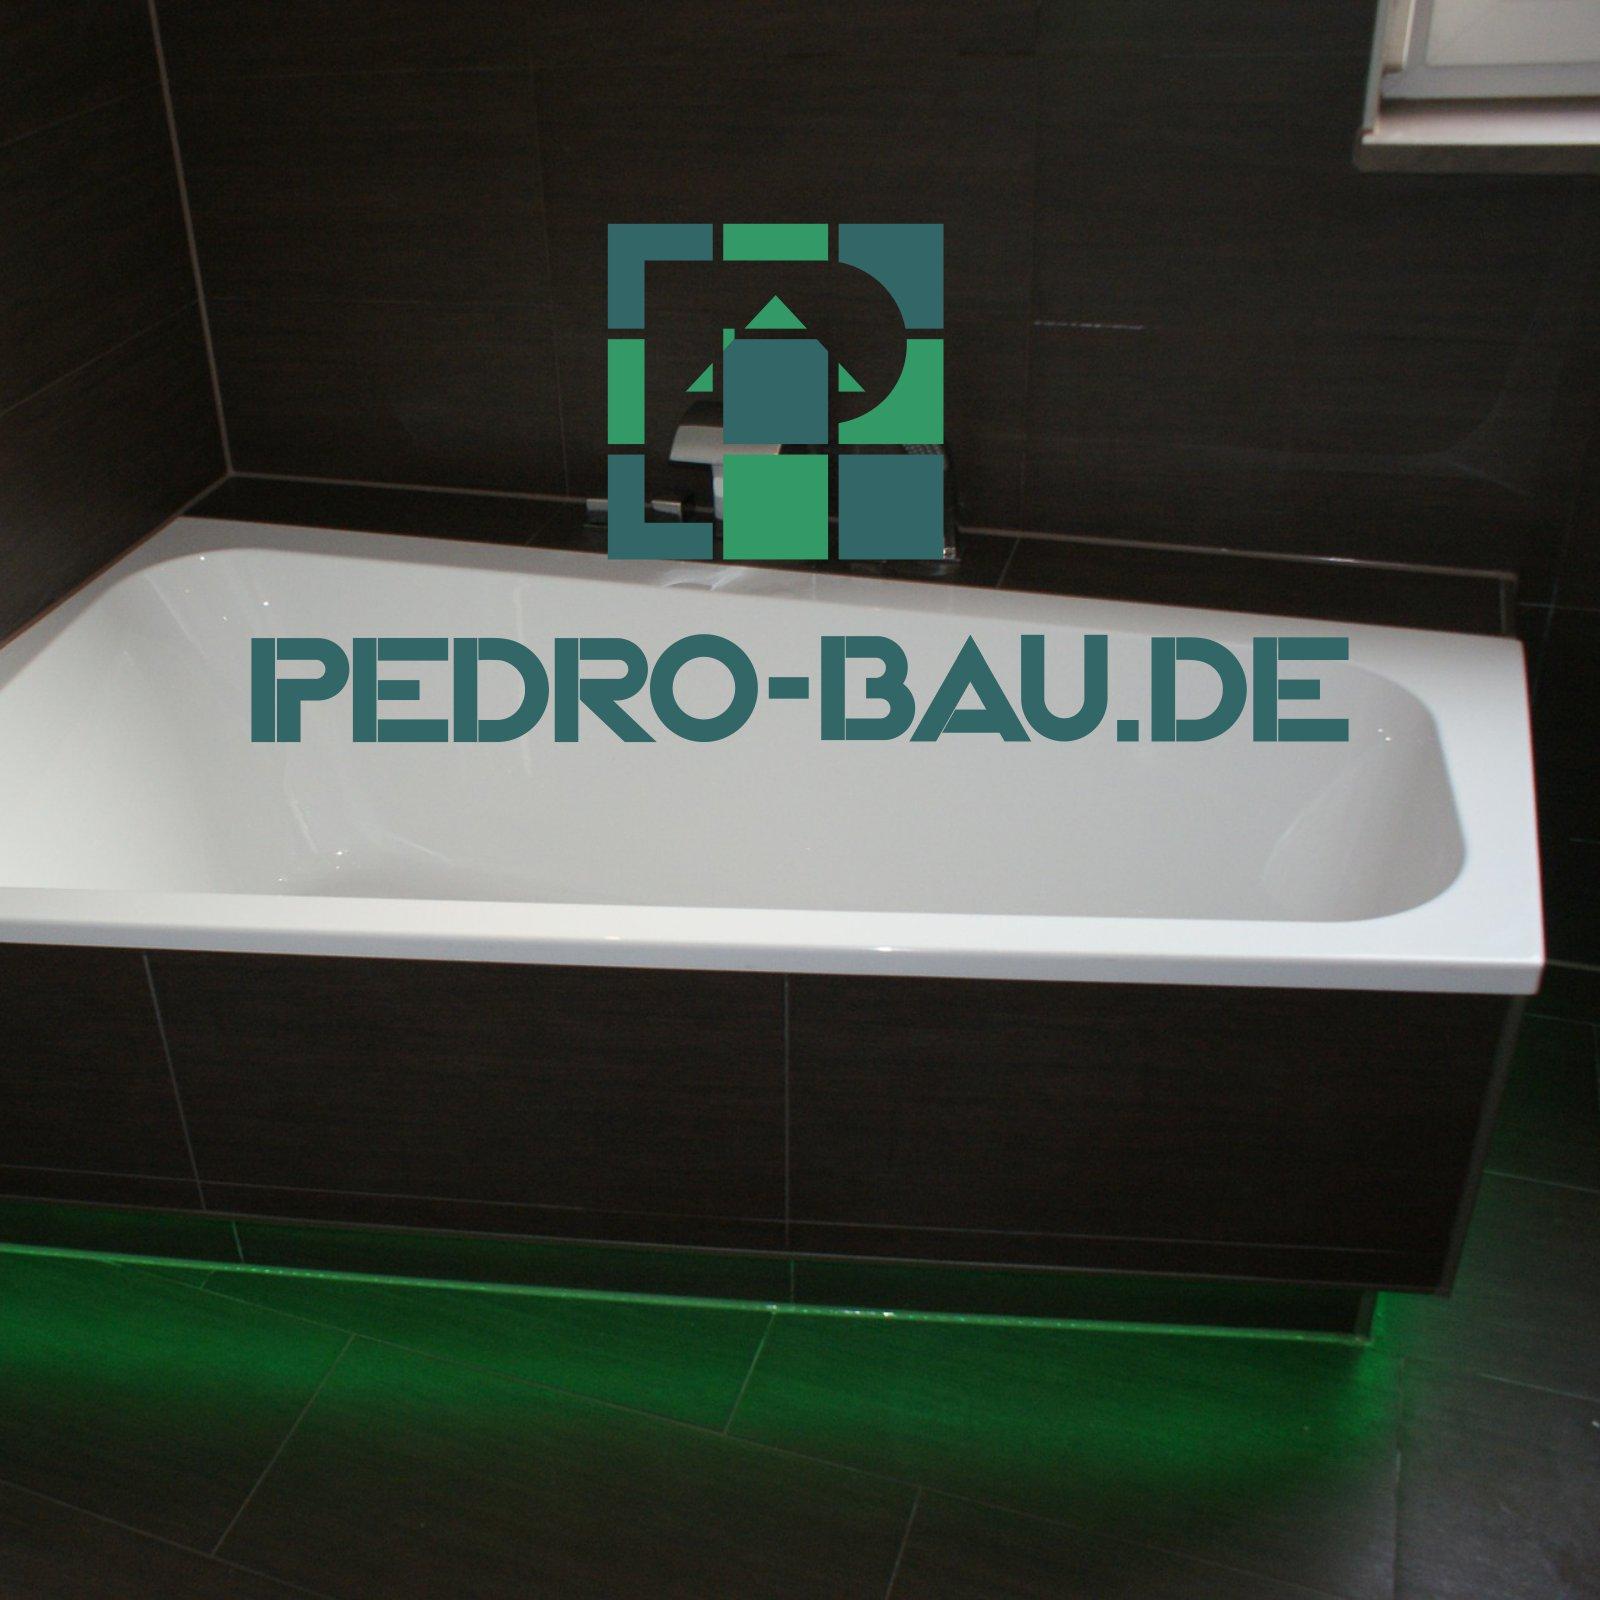 O-ZEN Portfolio Pedro Bau Auschnitt Webseite pedrobau.de - eine Badewanne mit grünem Licht